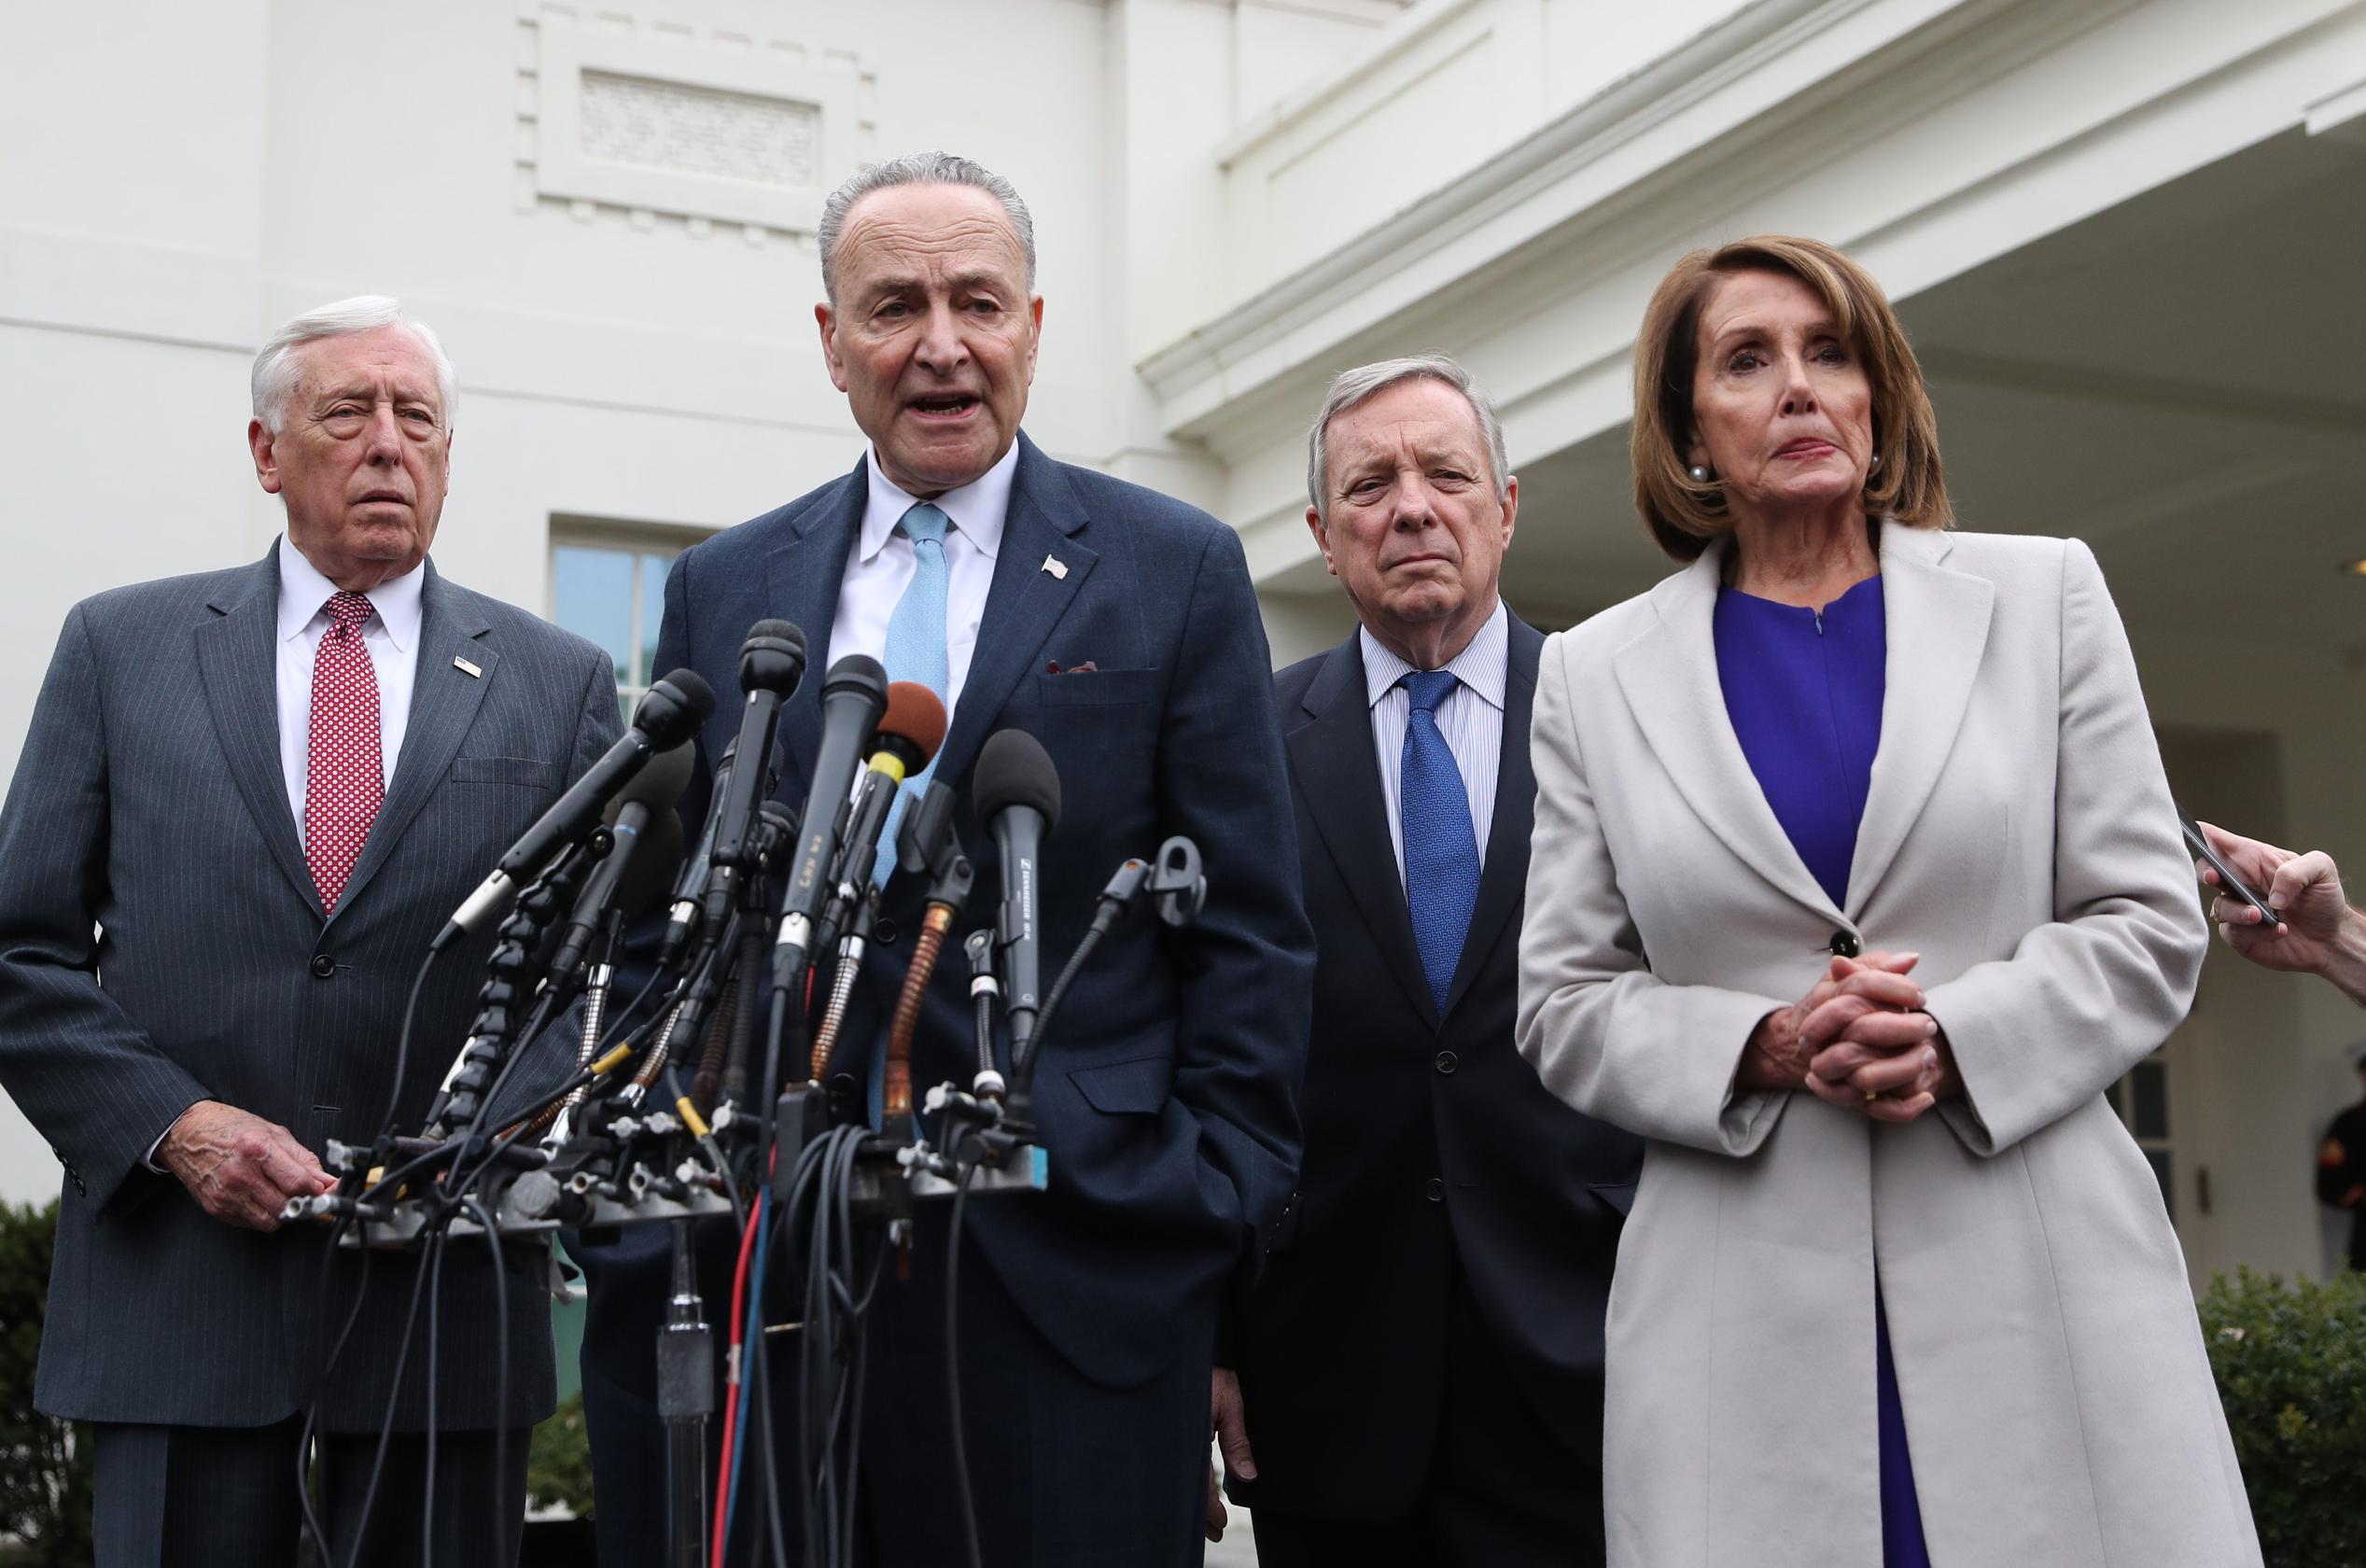 美參議員將提芬太尼制裁法案 追究中共責任